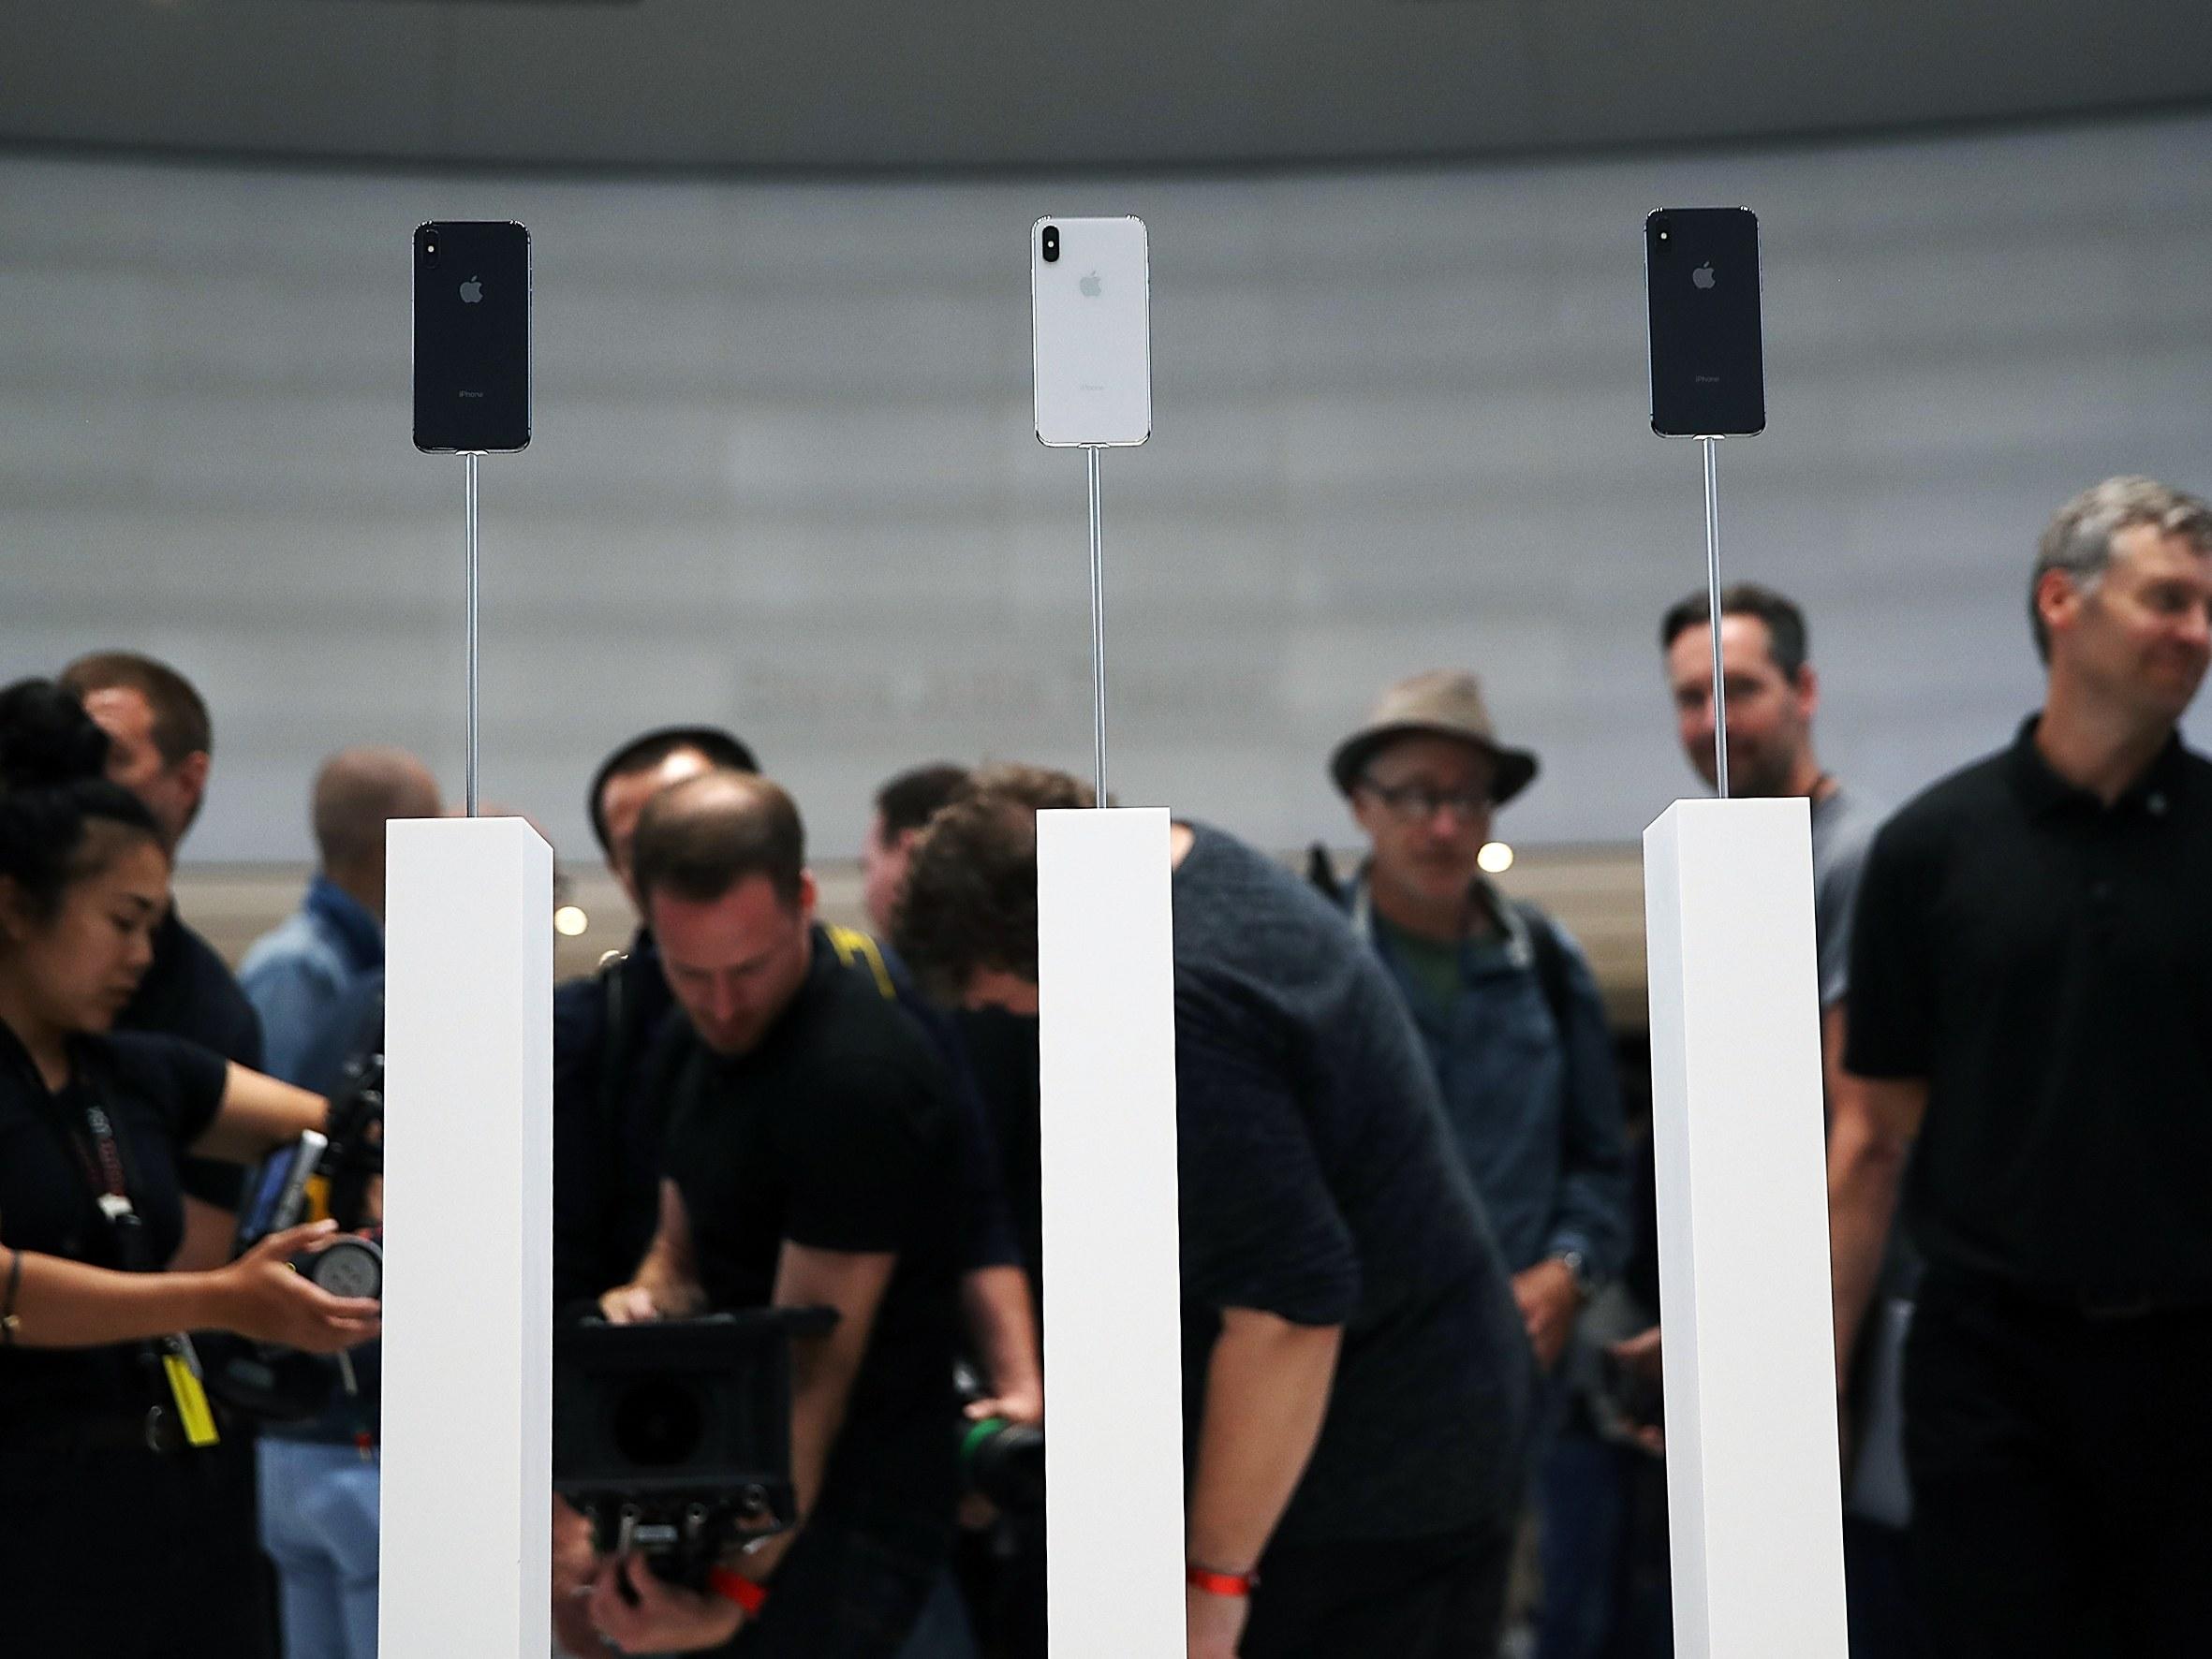 Chữ X trong iPhone X không chỉ là một con số, một giả thuyết về ý nghĩa thật sự của nó sẽ khiến bạn bật cười - Ảnh 1.